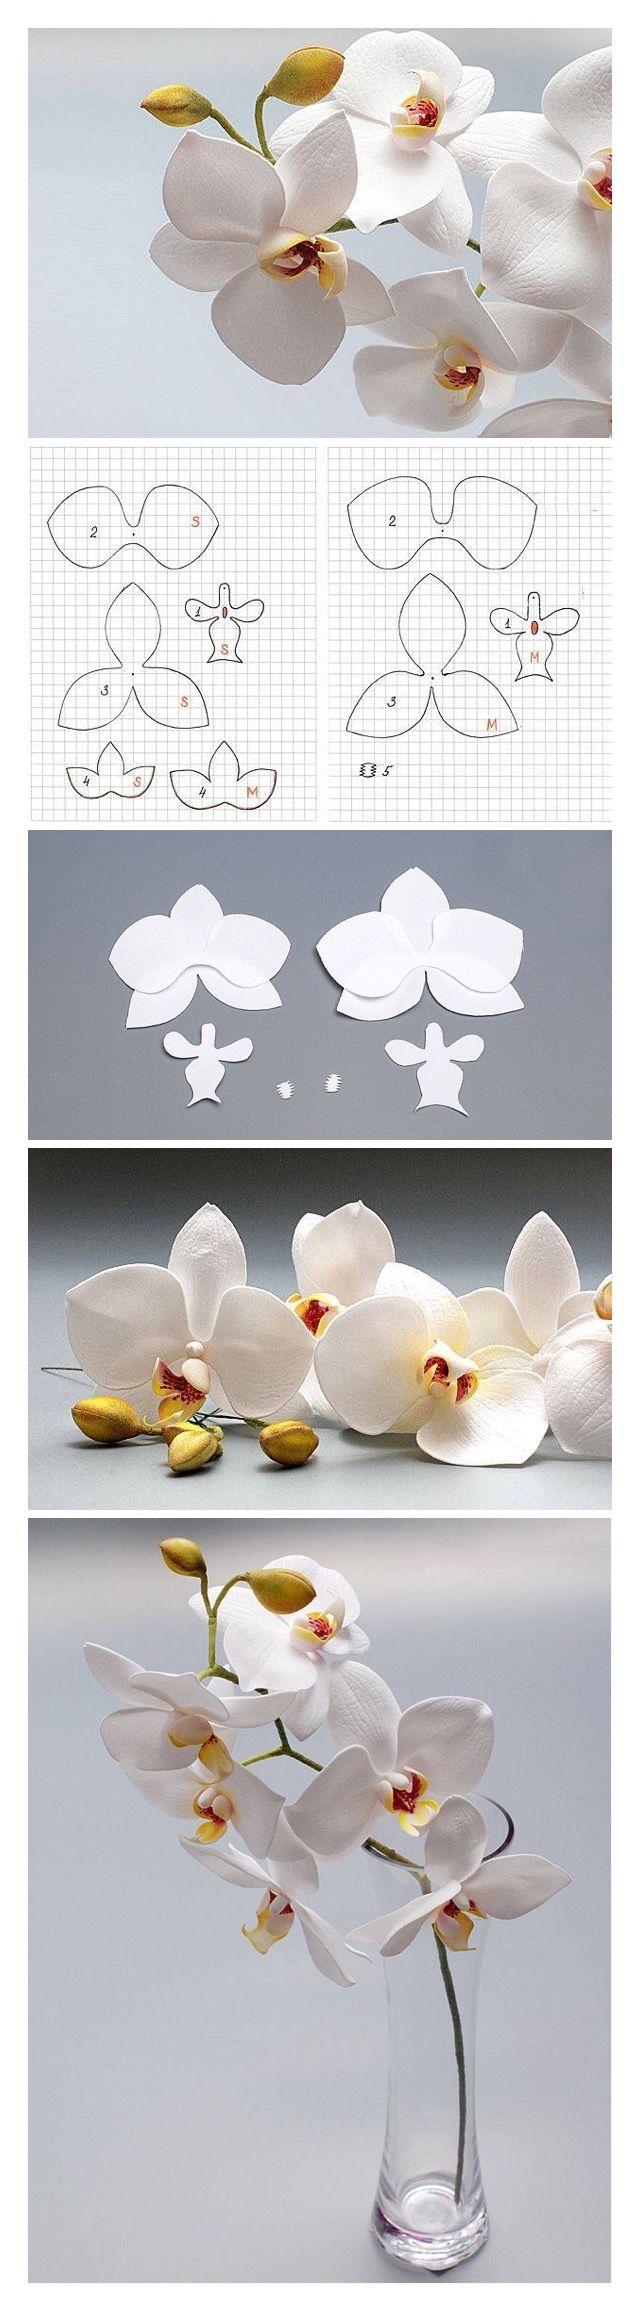 Orquídeas brancas,  agora é só fazer